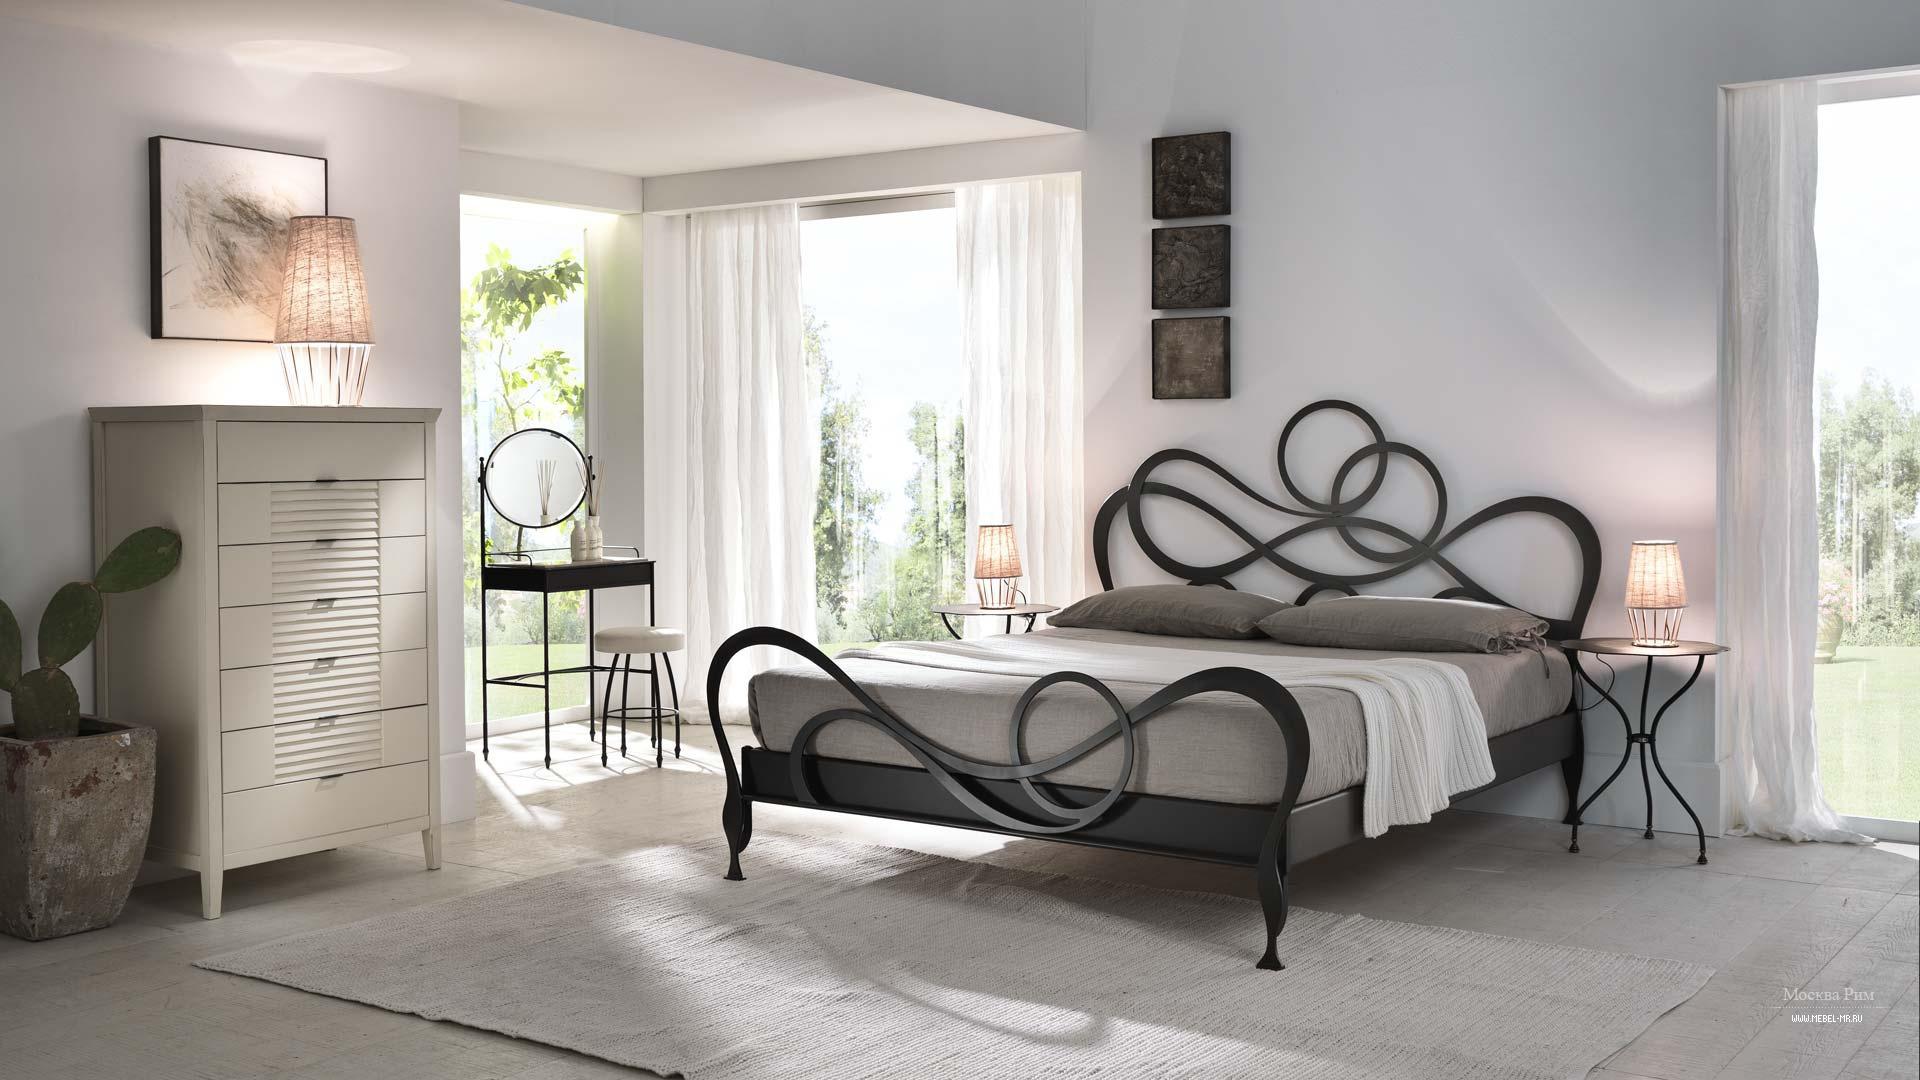 Красивая кровать с фигурным изголовьем